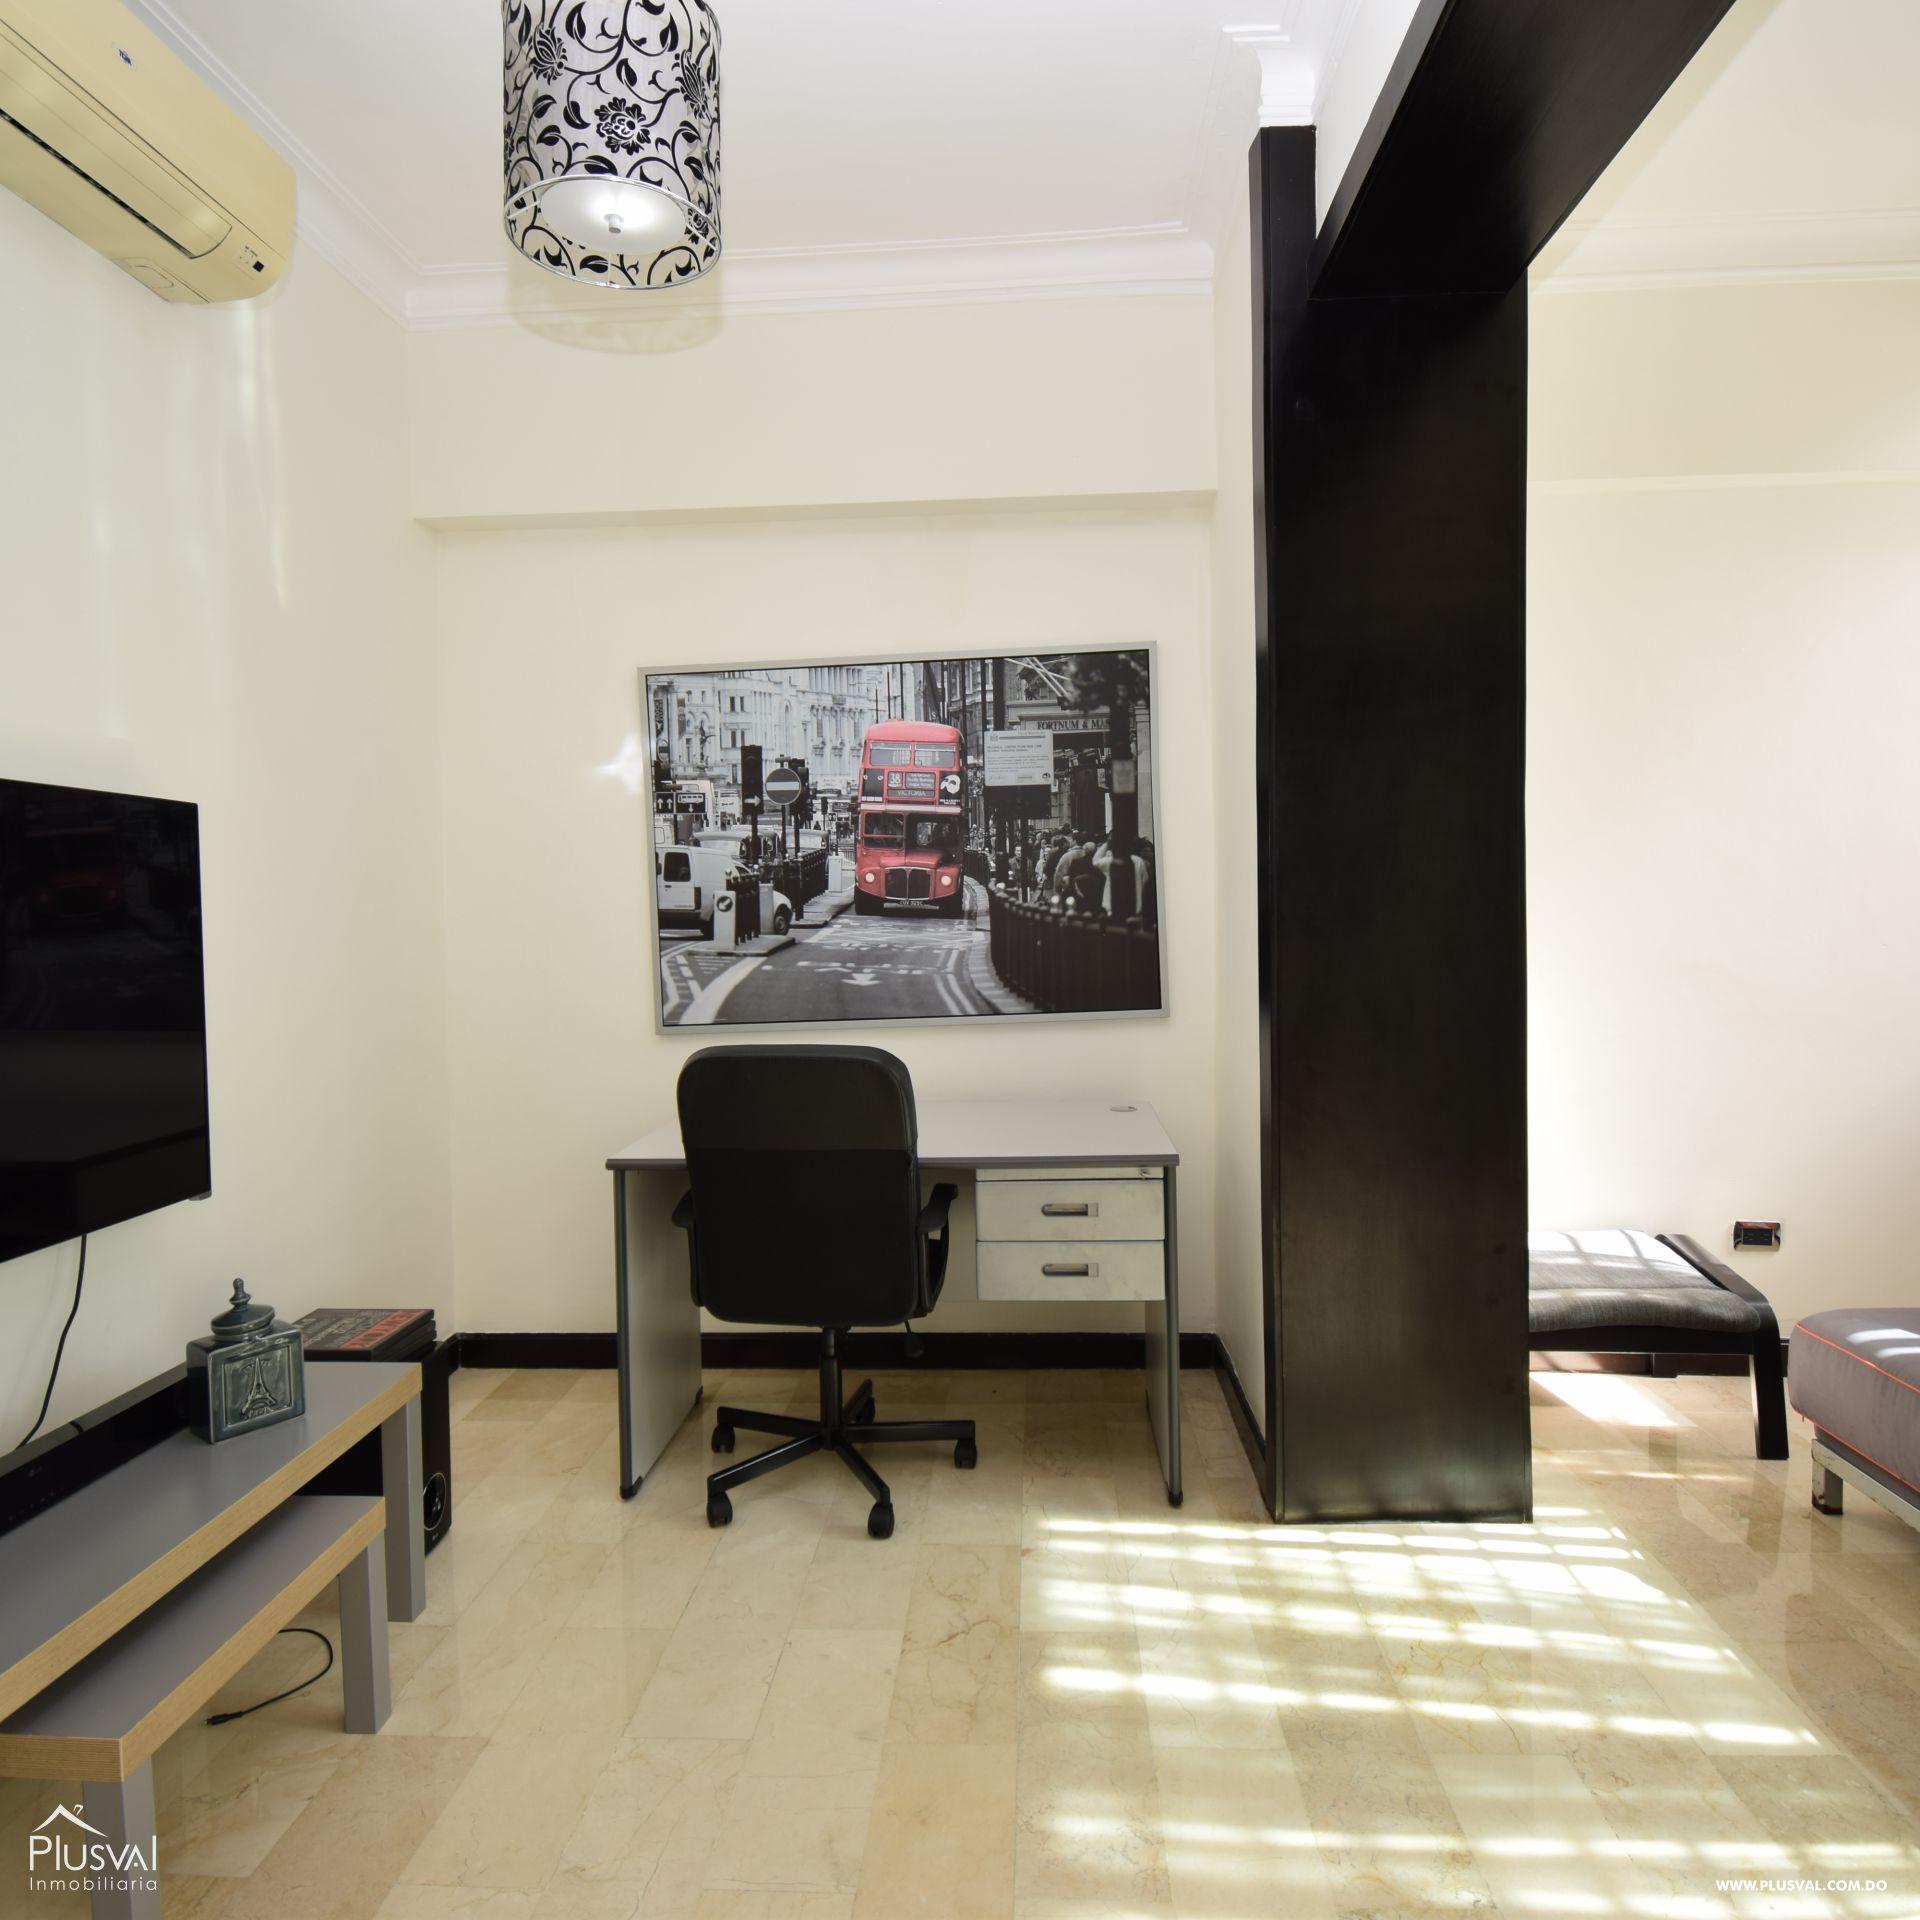 Apartamento en alquiler amueblado en Naco 154917